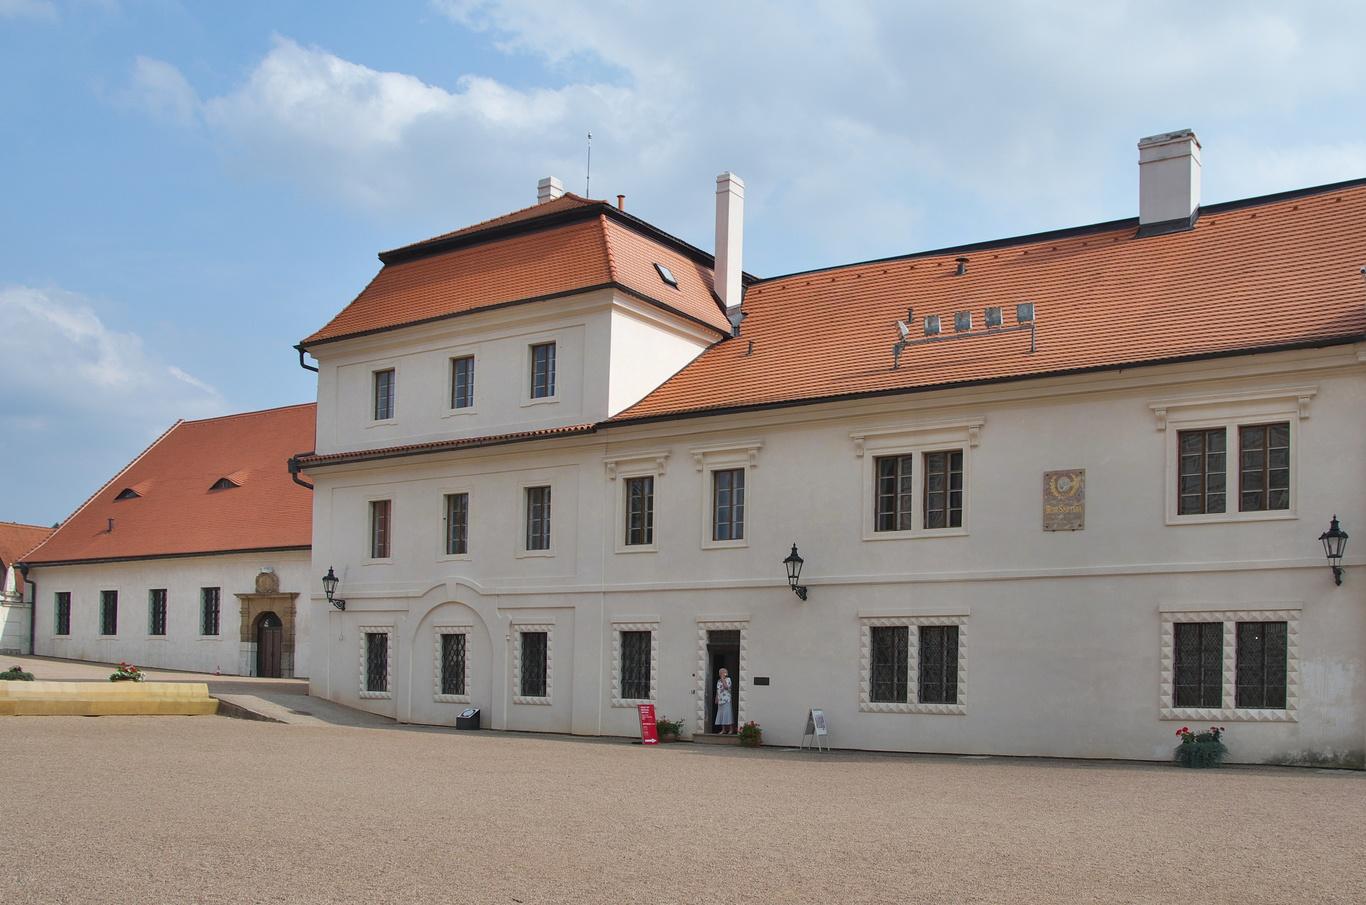 Zámecký pivovar, v němž se nachází rodný byt Bedřicha Smetany